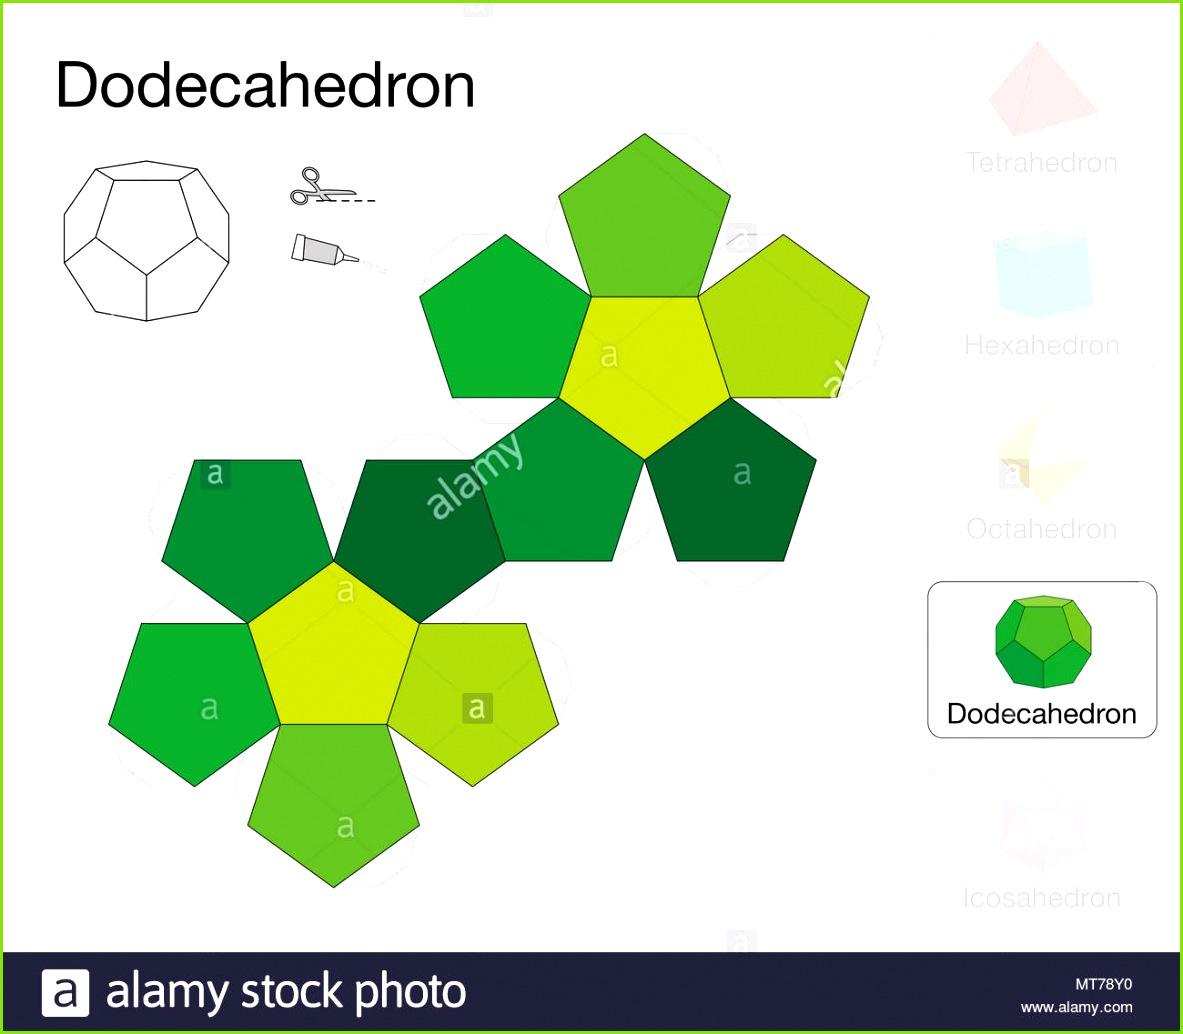 Dodekaeder platonischen solide Vorlage Papier Modell eines Dodekaeder einem der fünf Platonischen Körper ein dreidimensionales handwerkliche Arbeit zu